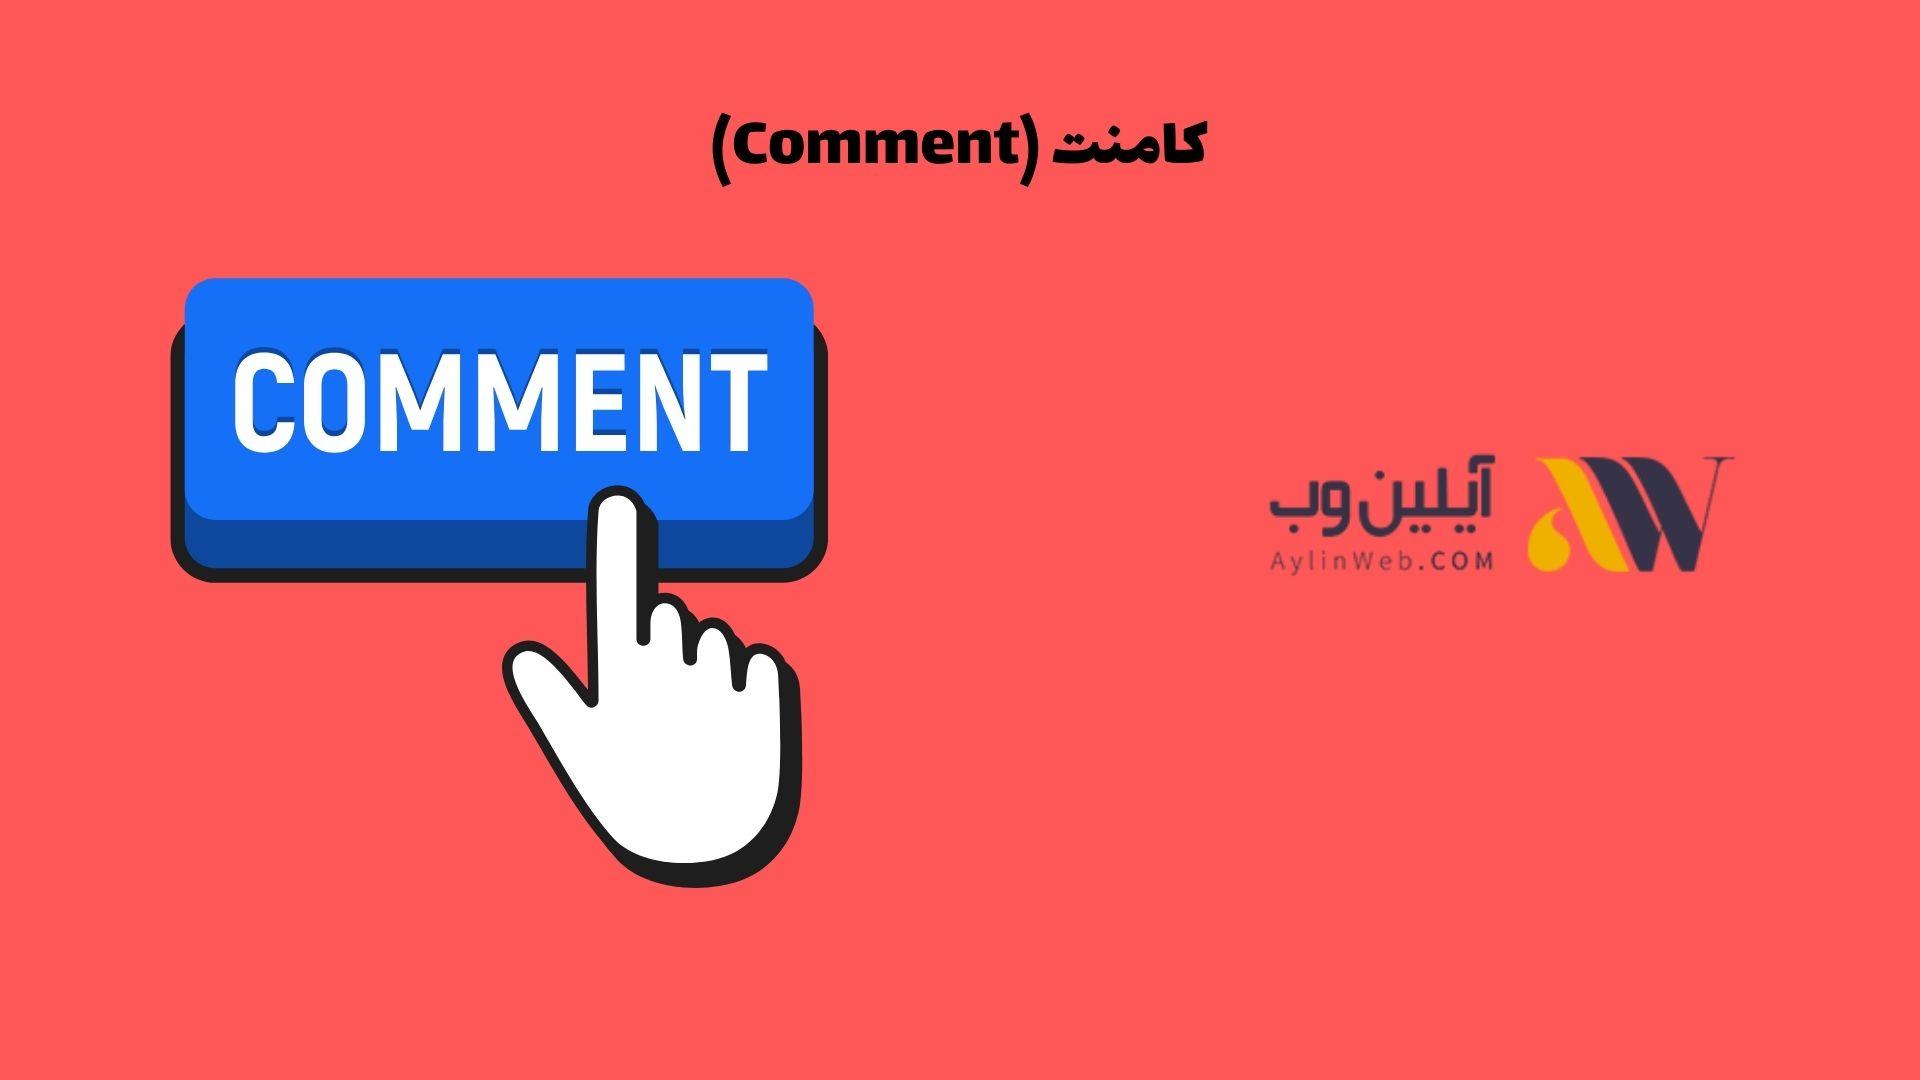 کامنت (Comment)